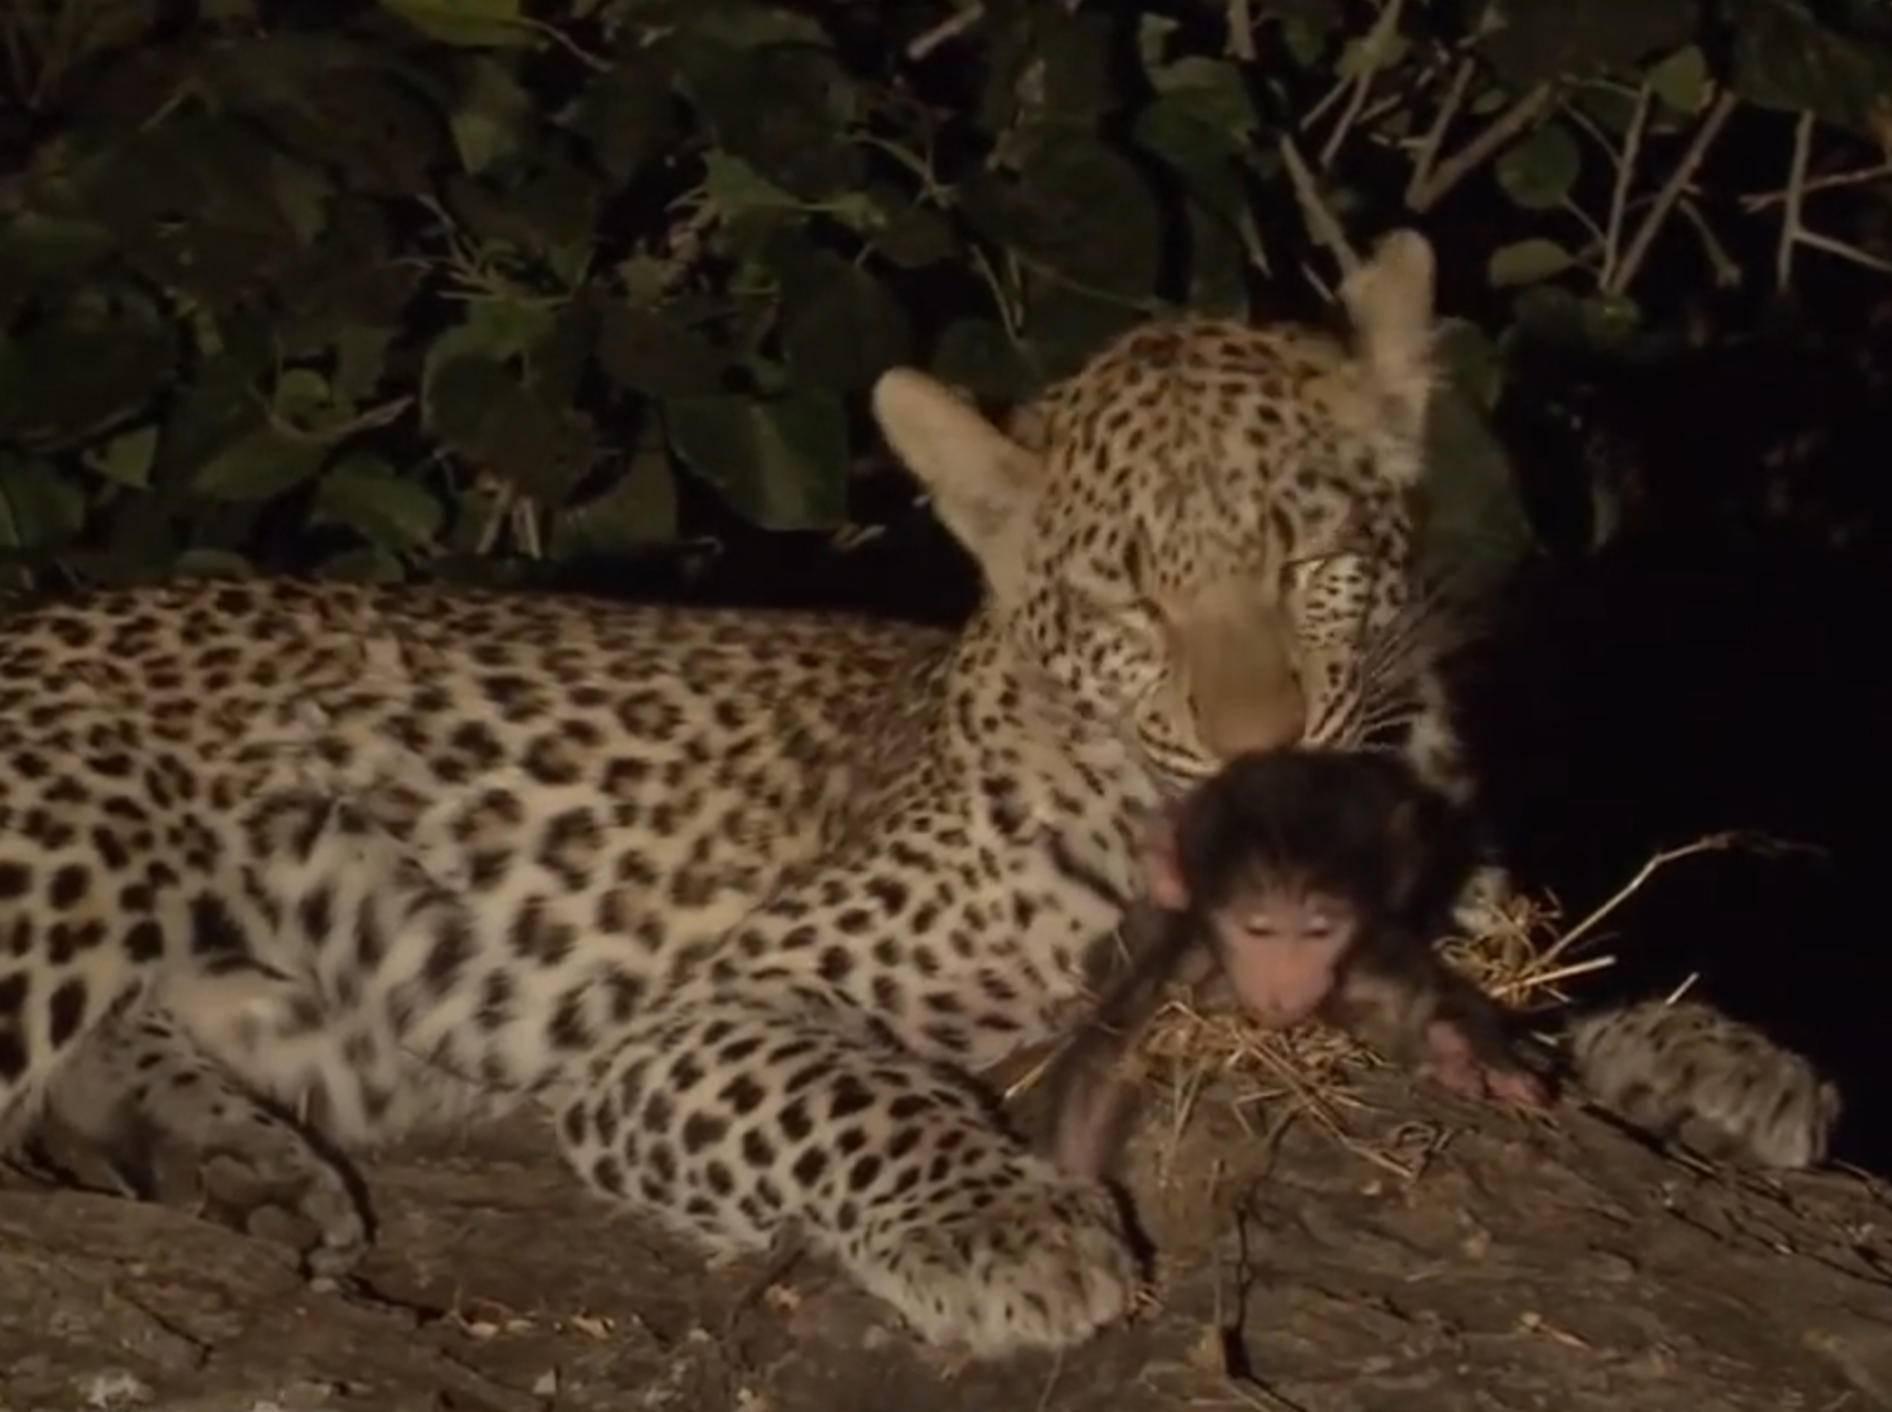 Ungewöhnliche Patchworkfamilie: Leopard und Äffchen – YouTube / wildlife films